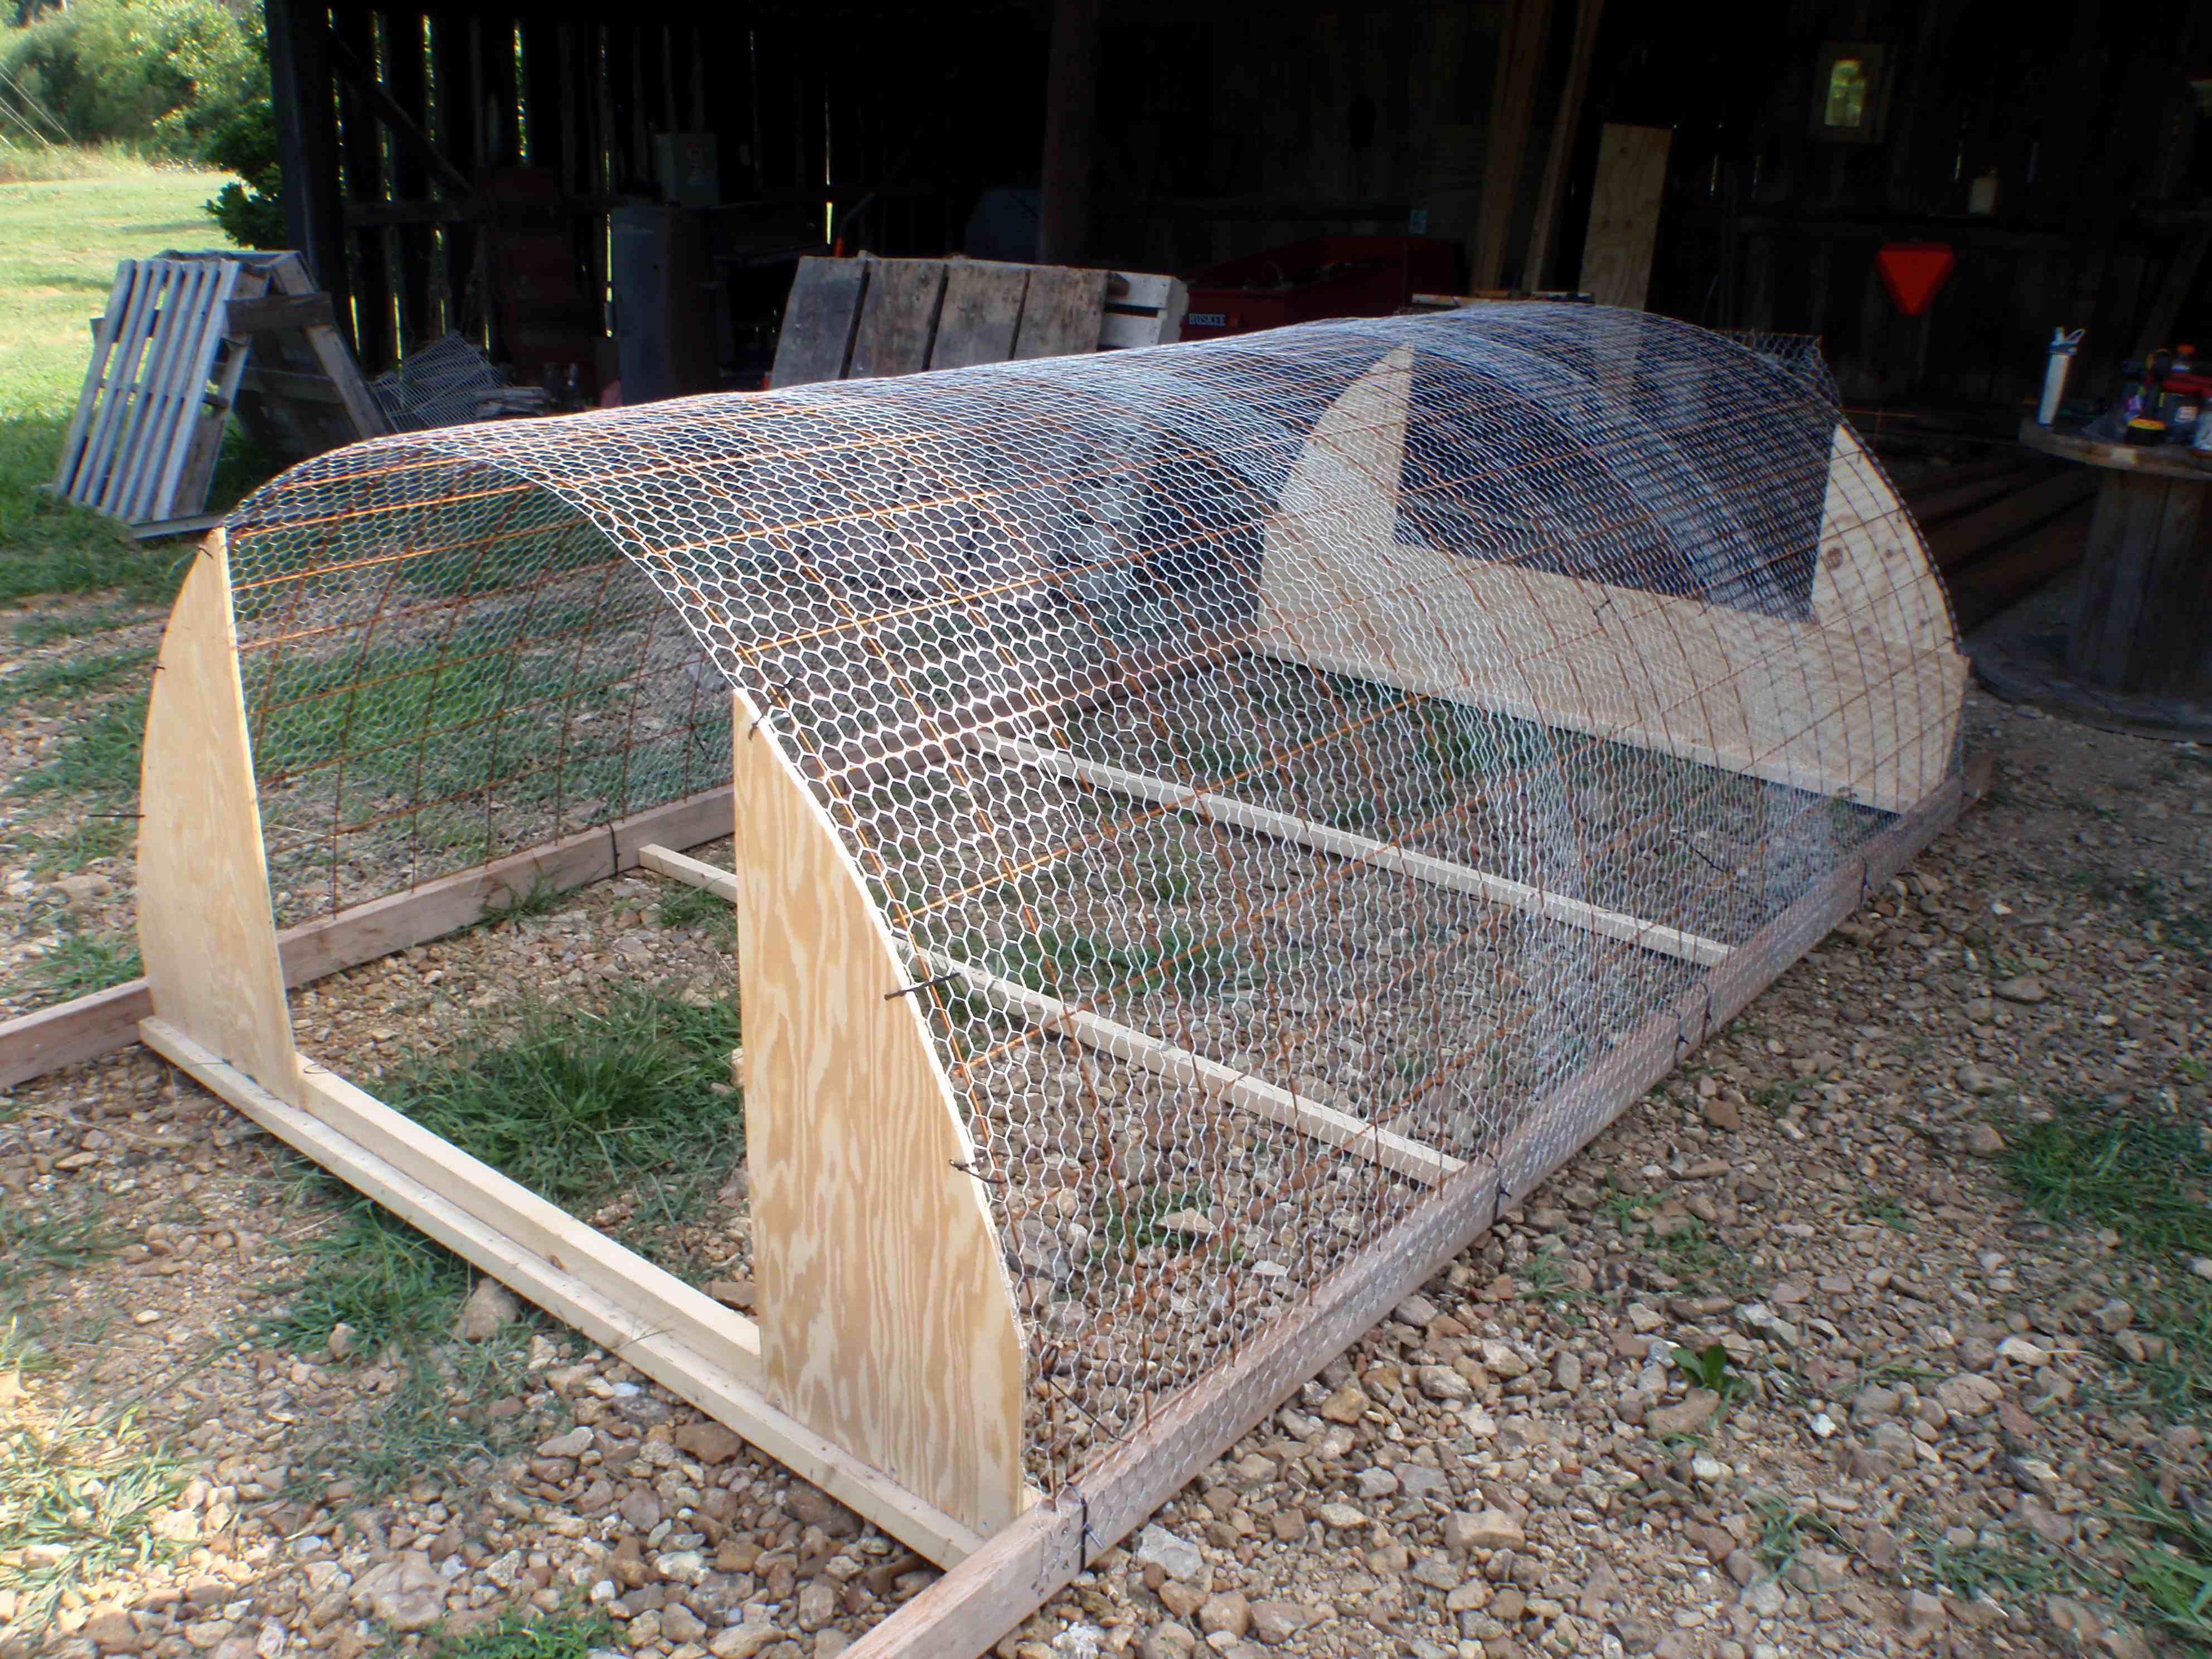 chickenwire dorm | Garden | Pinterest | Dorm, Backyard chickens and ...